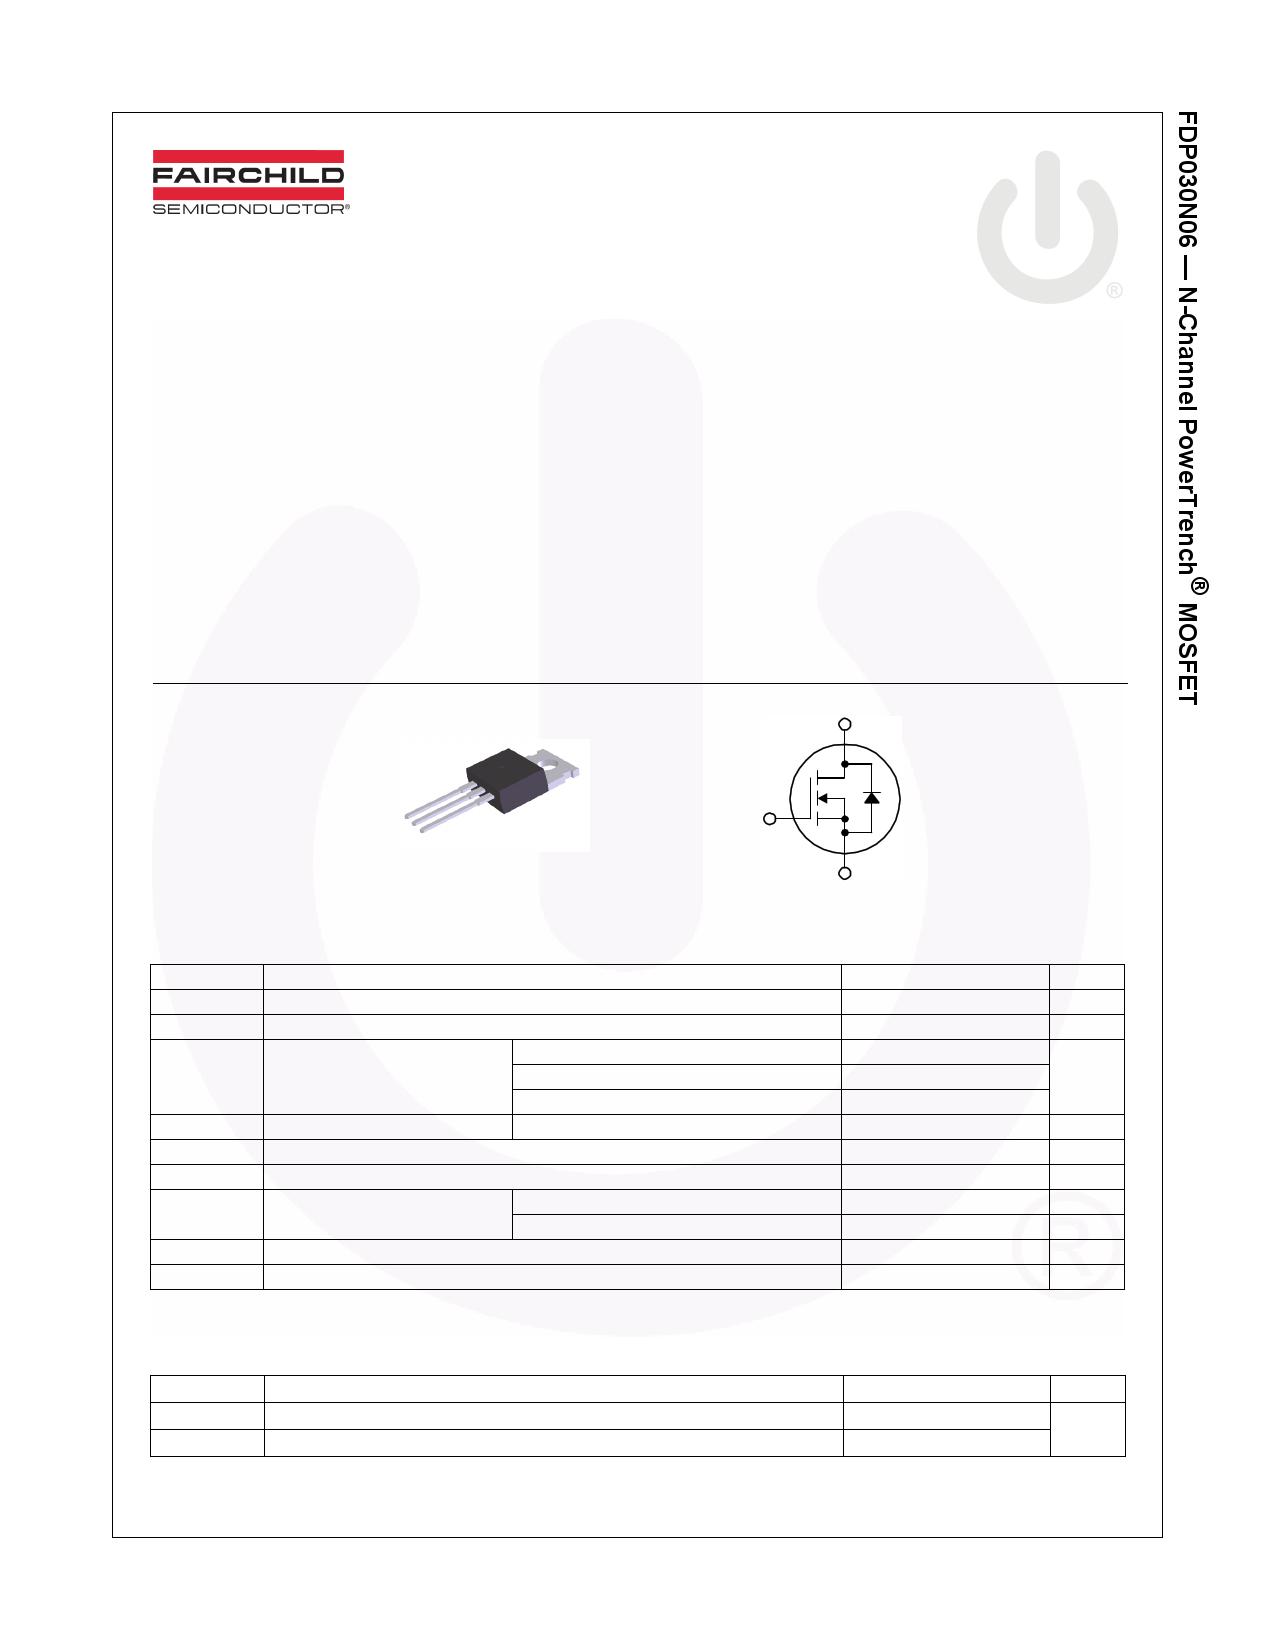 FDP030N06 데이터시트 및 FDP030N06 PDF